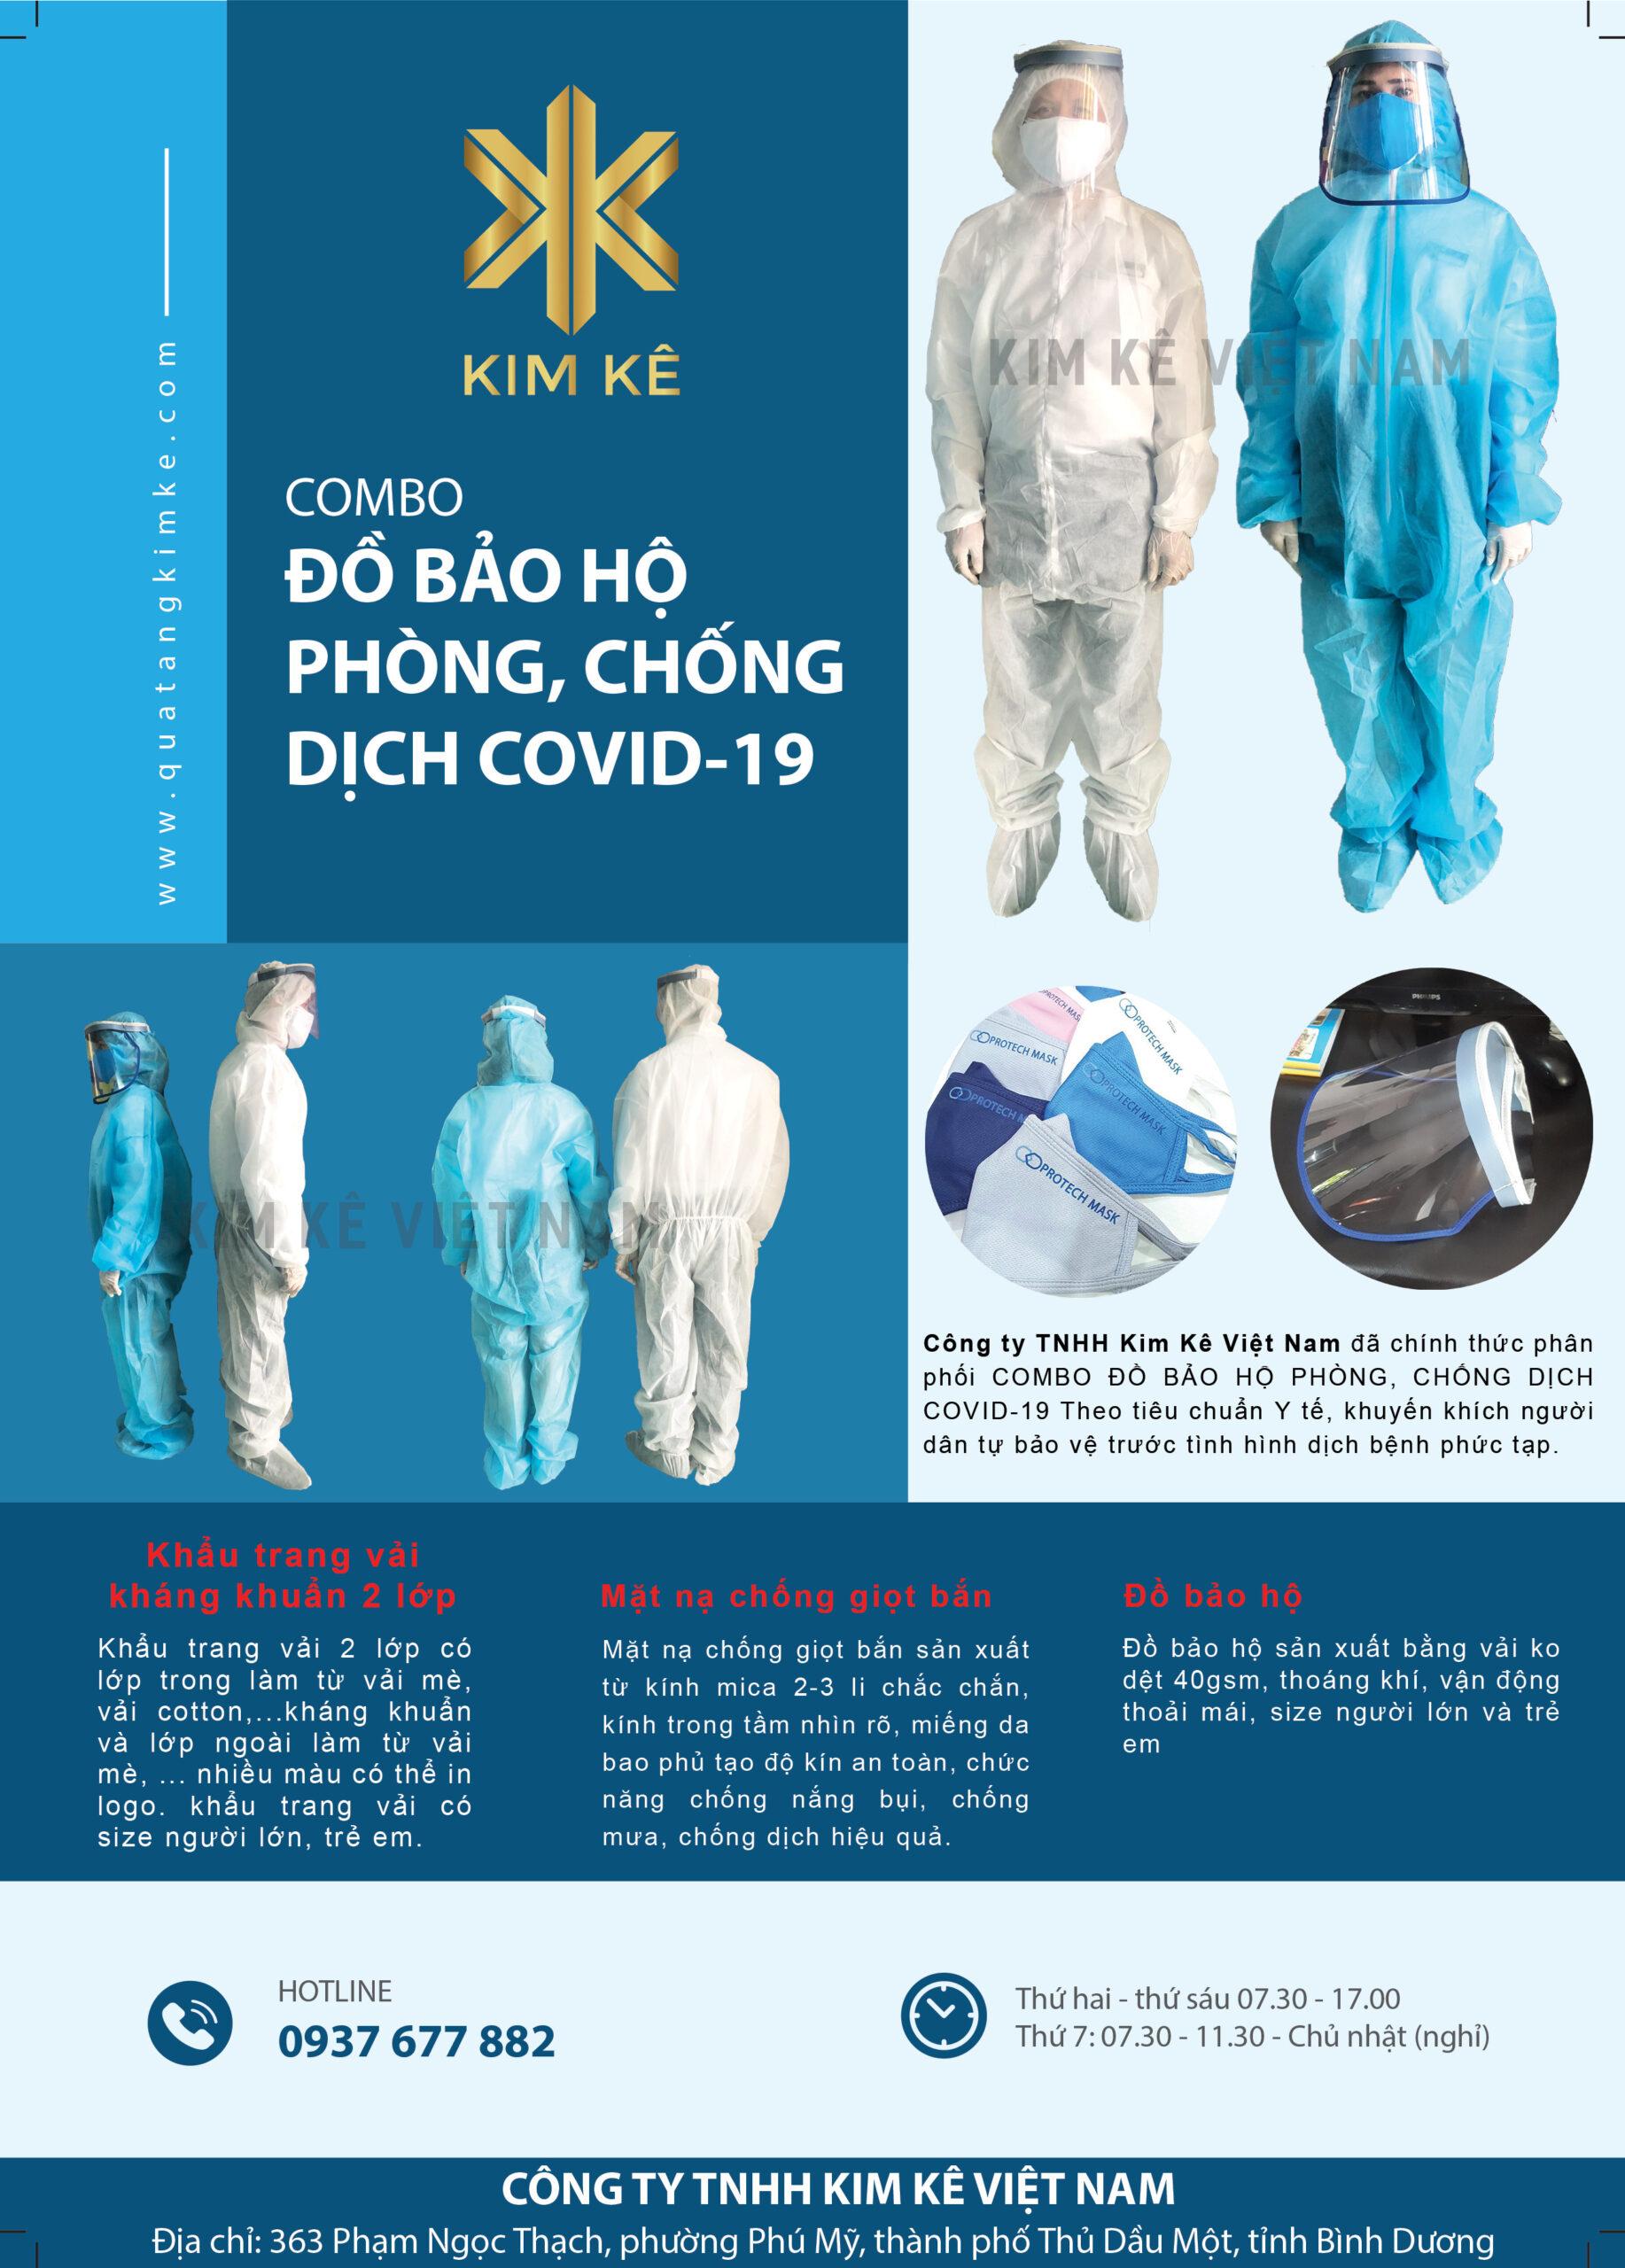 Đồ bảo hộ chống dịch 4 món và 7 món số lượng lớn – Kim Kê Việt Nam